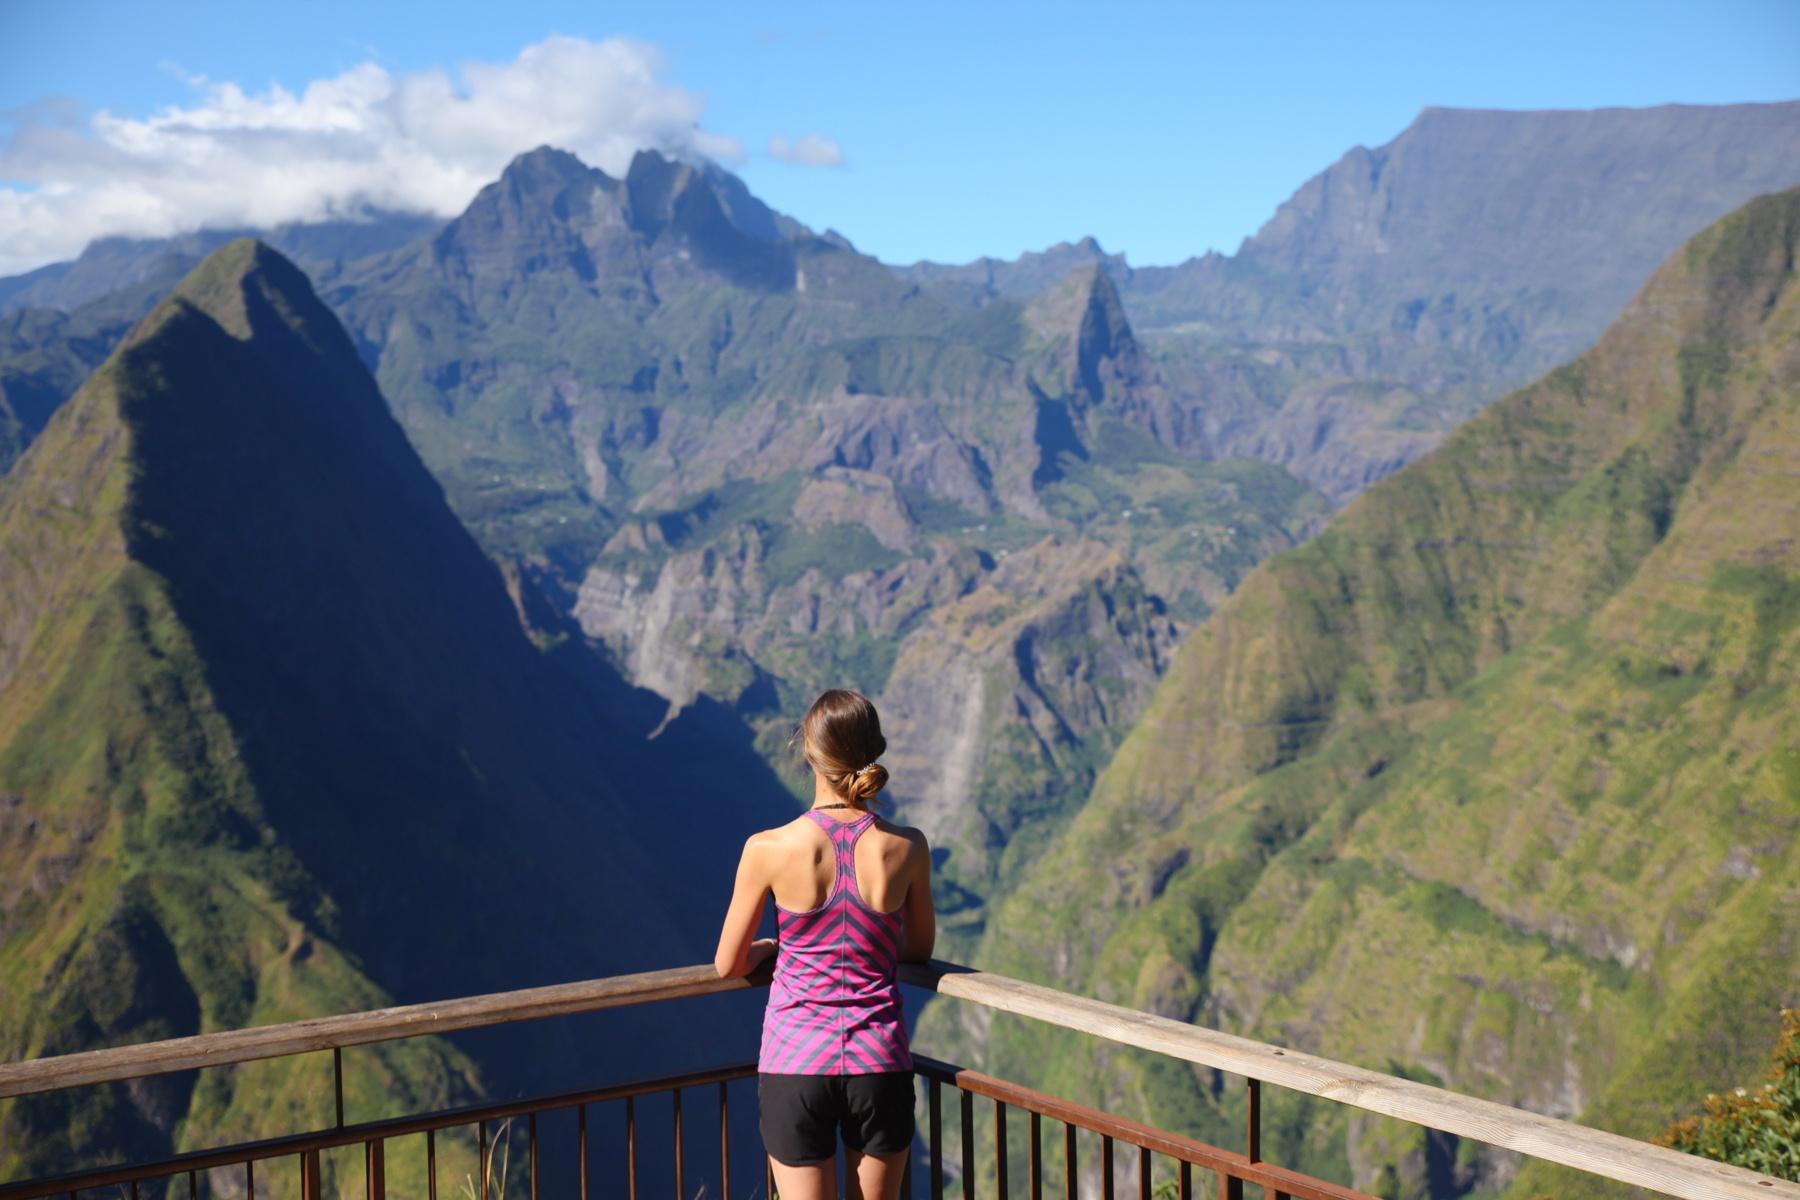 Abenteuer La Réunion: Geheimtipp für Naturliebhaber und Wanderer!